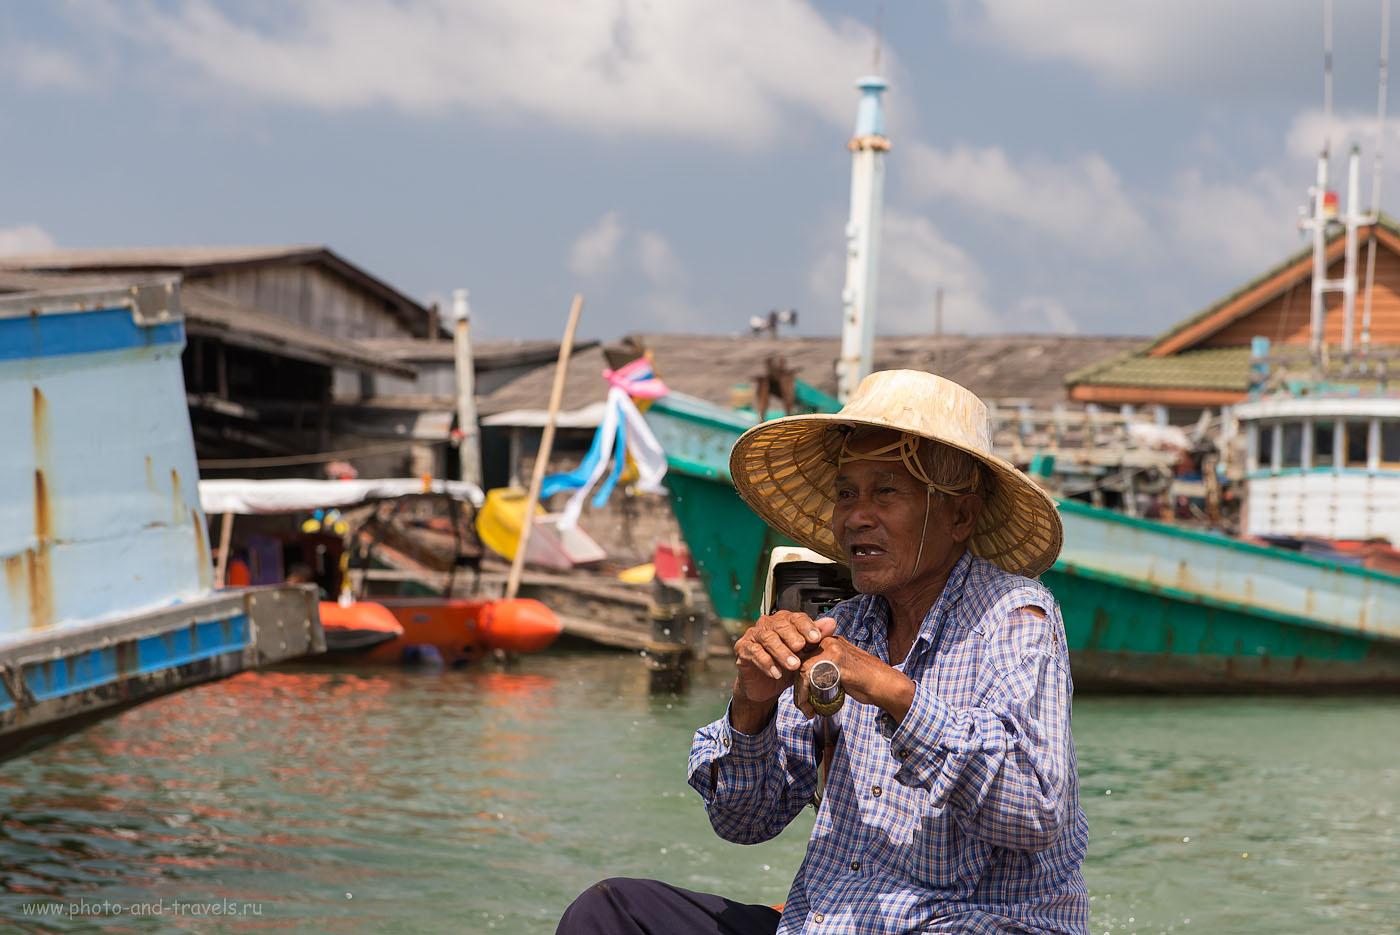 Фото 16. Достопримечательности Таиланда. Наш рулевой (камера Nikon D610, объектив Nikkor 24-70/2.8, на нем всегда - полярик Hoya HD Circular-PL. Настройки фотоаппарата: 320, 70, 5.6, 1/640)